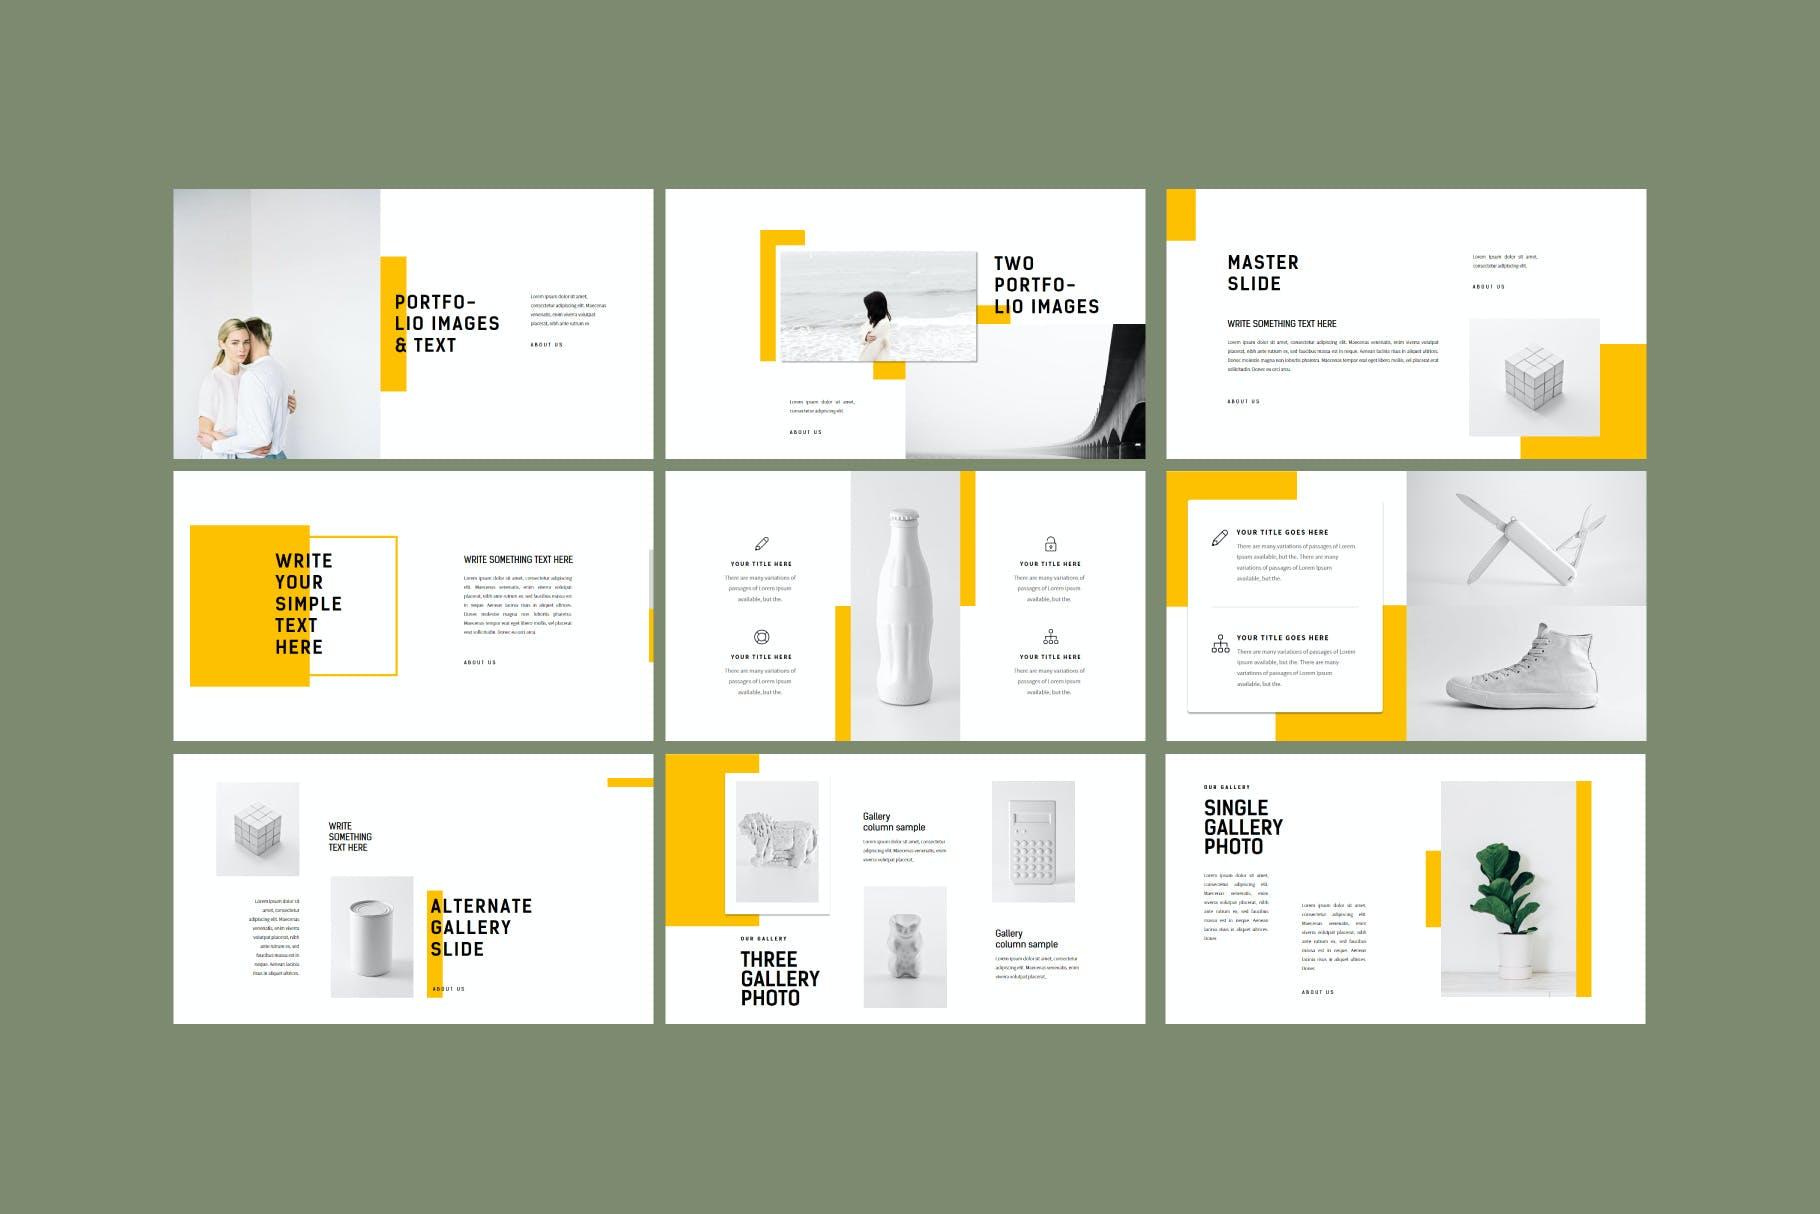 产品展示极简主义风格Powerpoint模板 Minimal – Powerpoint Template设计素材模板